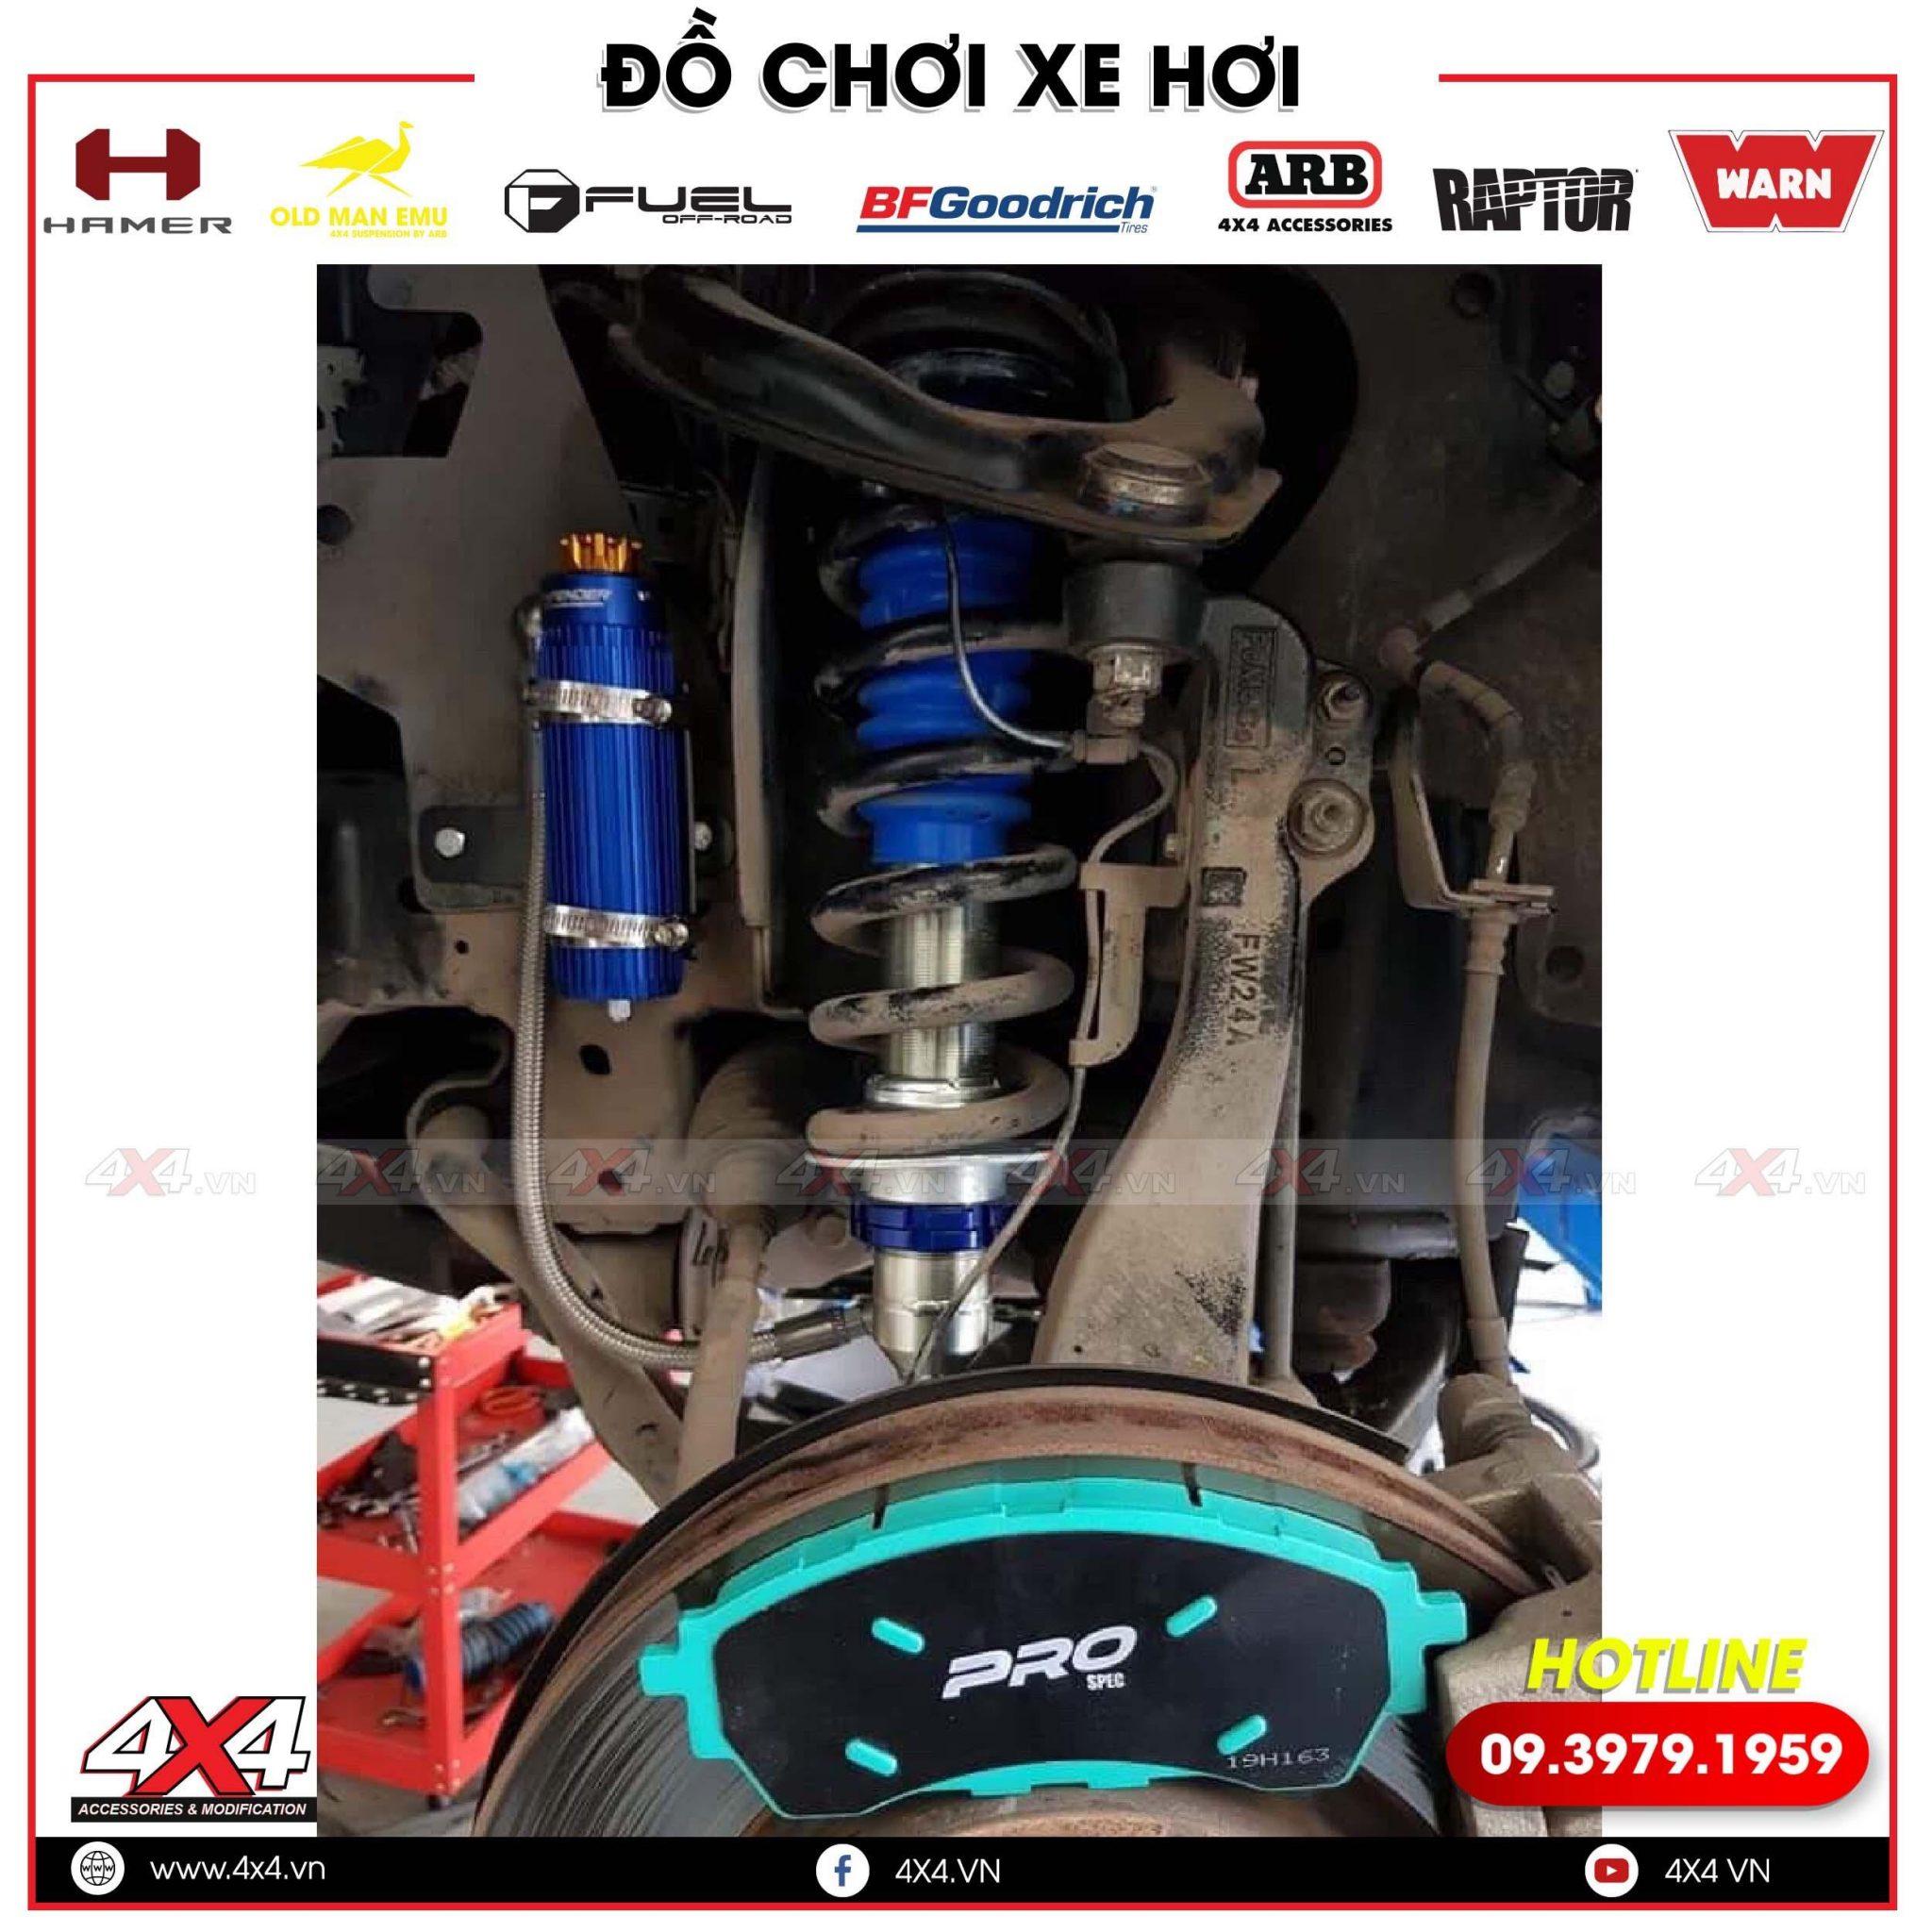 Phuộc Profender Mitsubishi Triton Giá Cực Mềm tại Cửa hàng 4x4